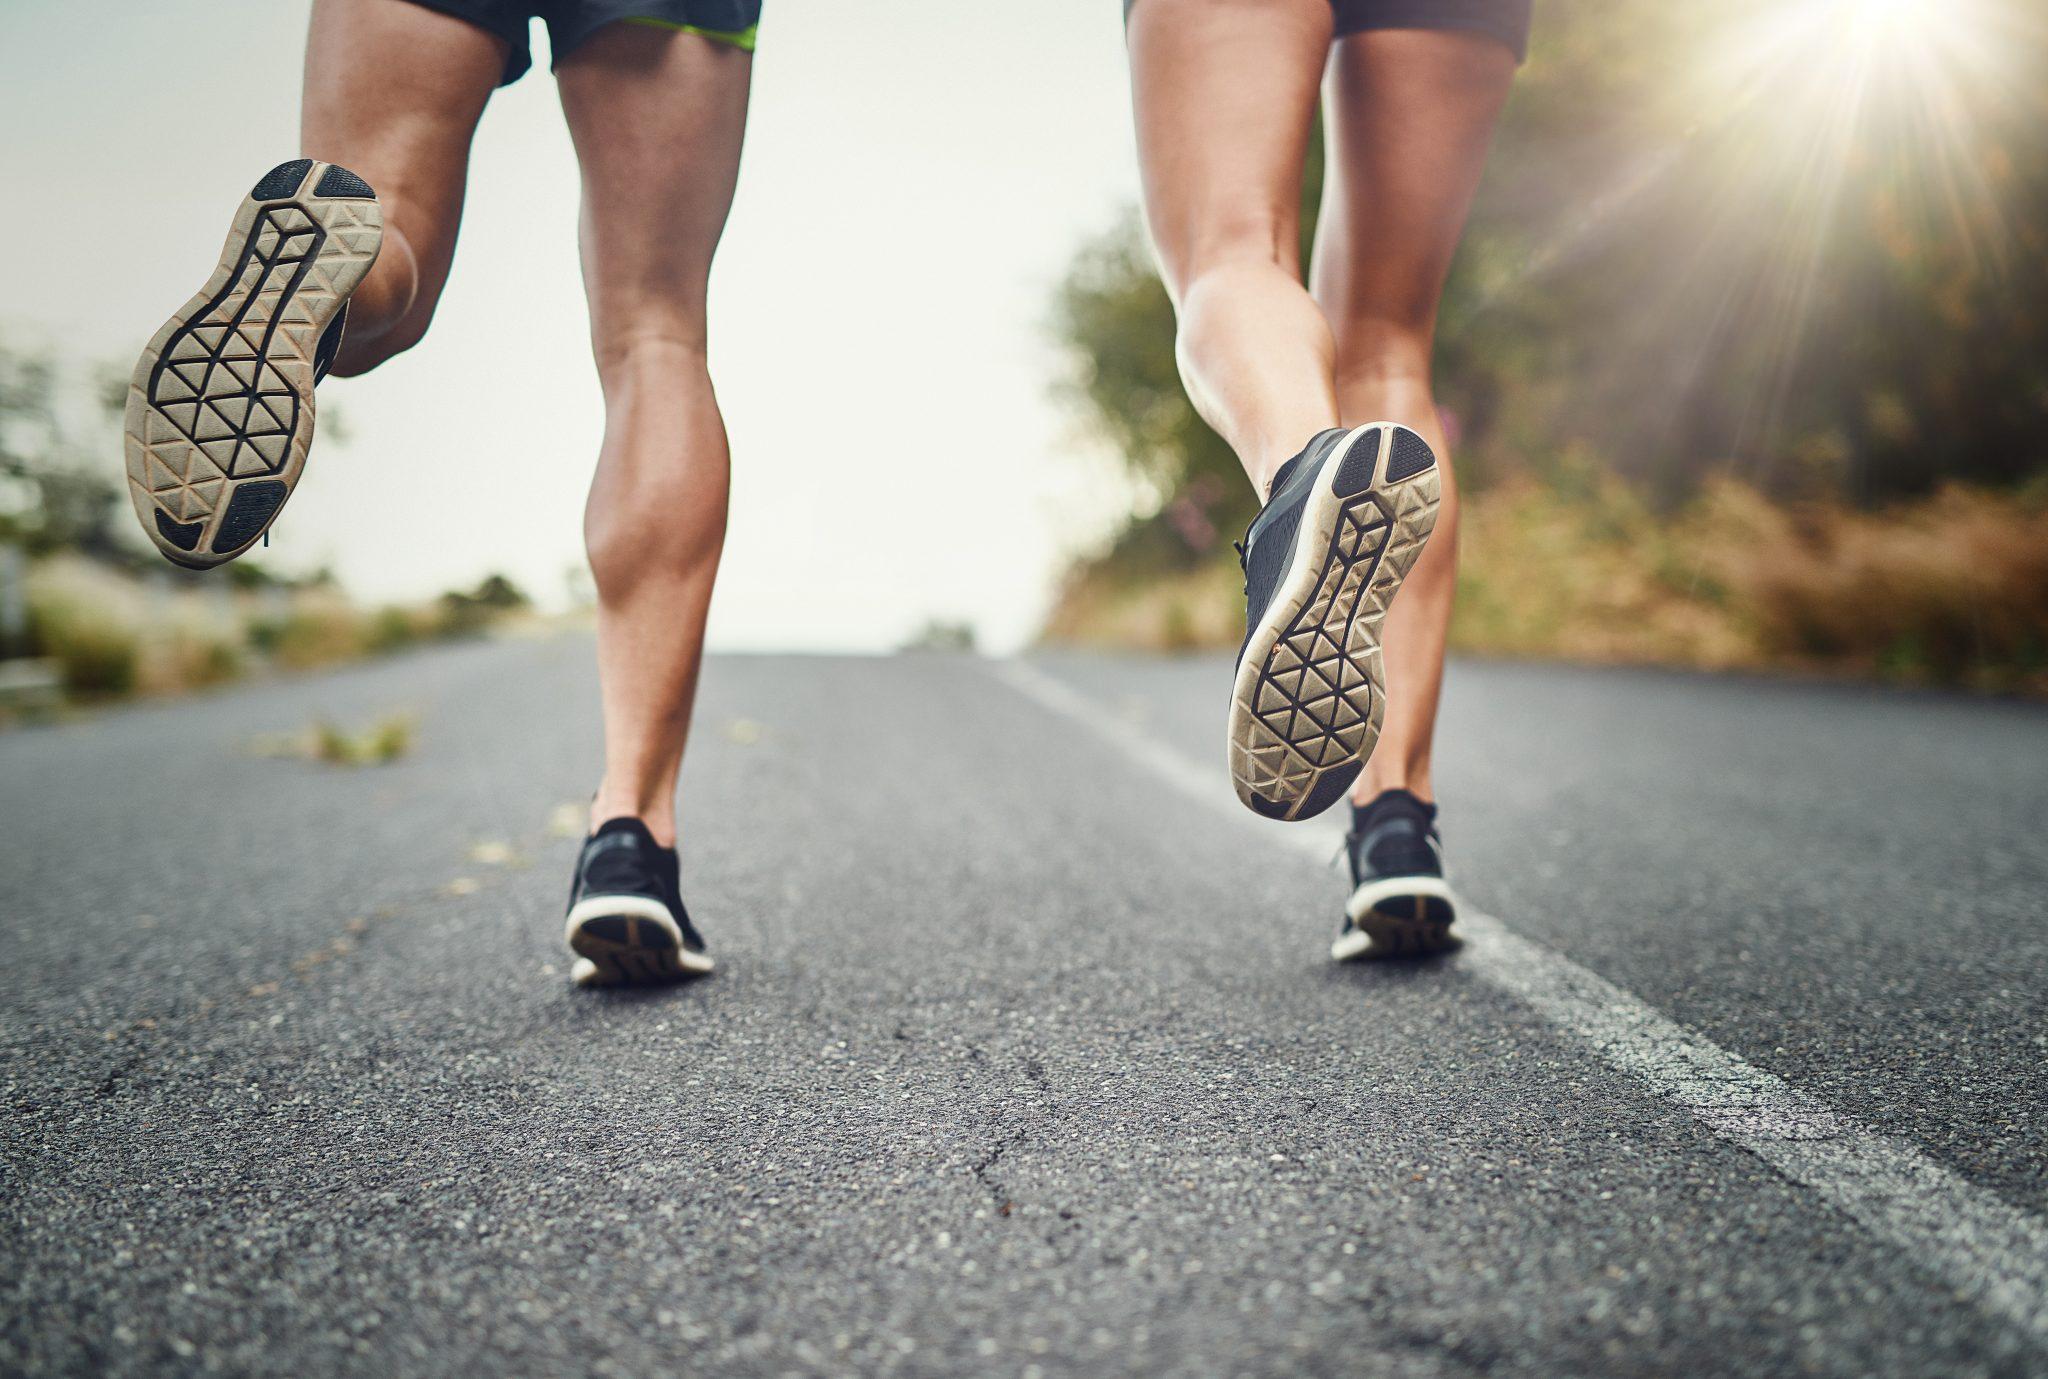 نحوه صحیح دویدن در دویدن در سرازیری